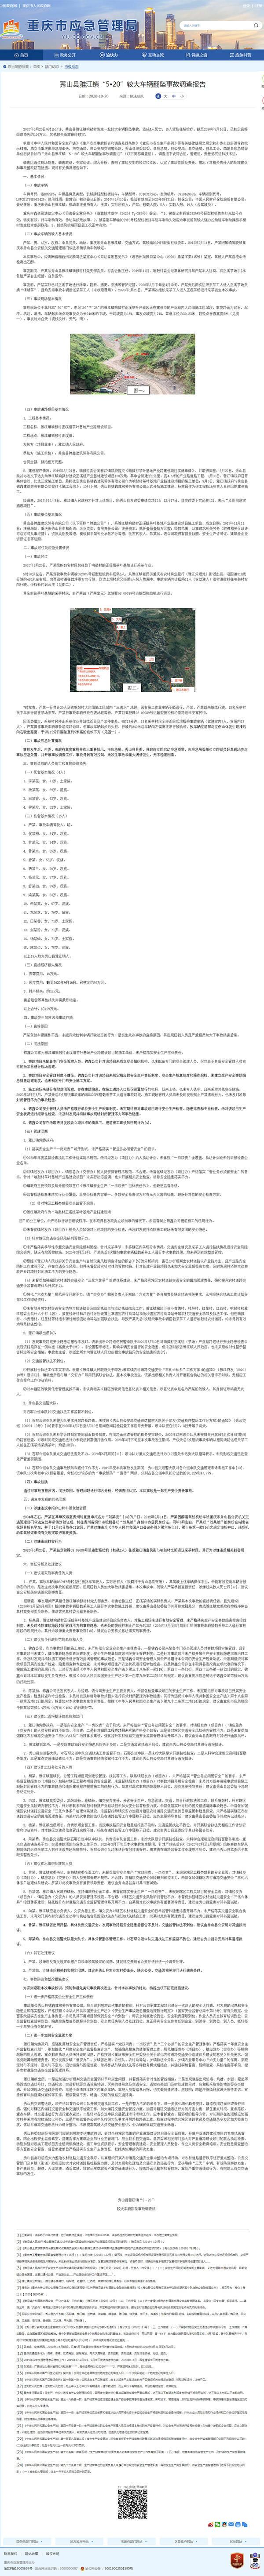 重庆载18名采茶工货车撞山翻坠4死15伤,观察陈诉